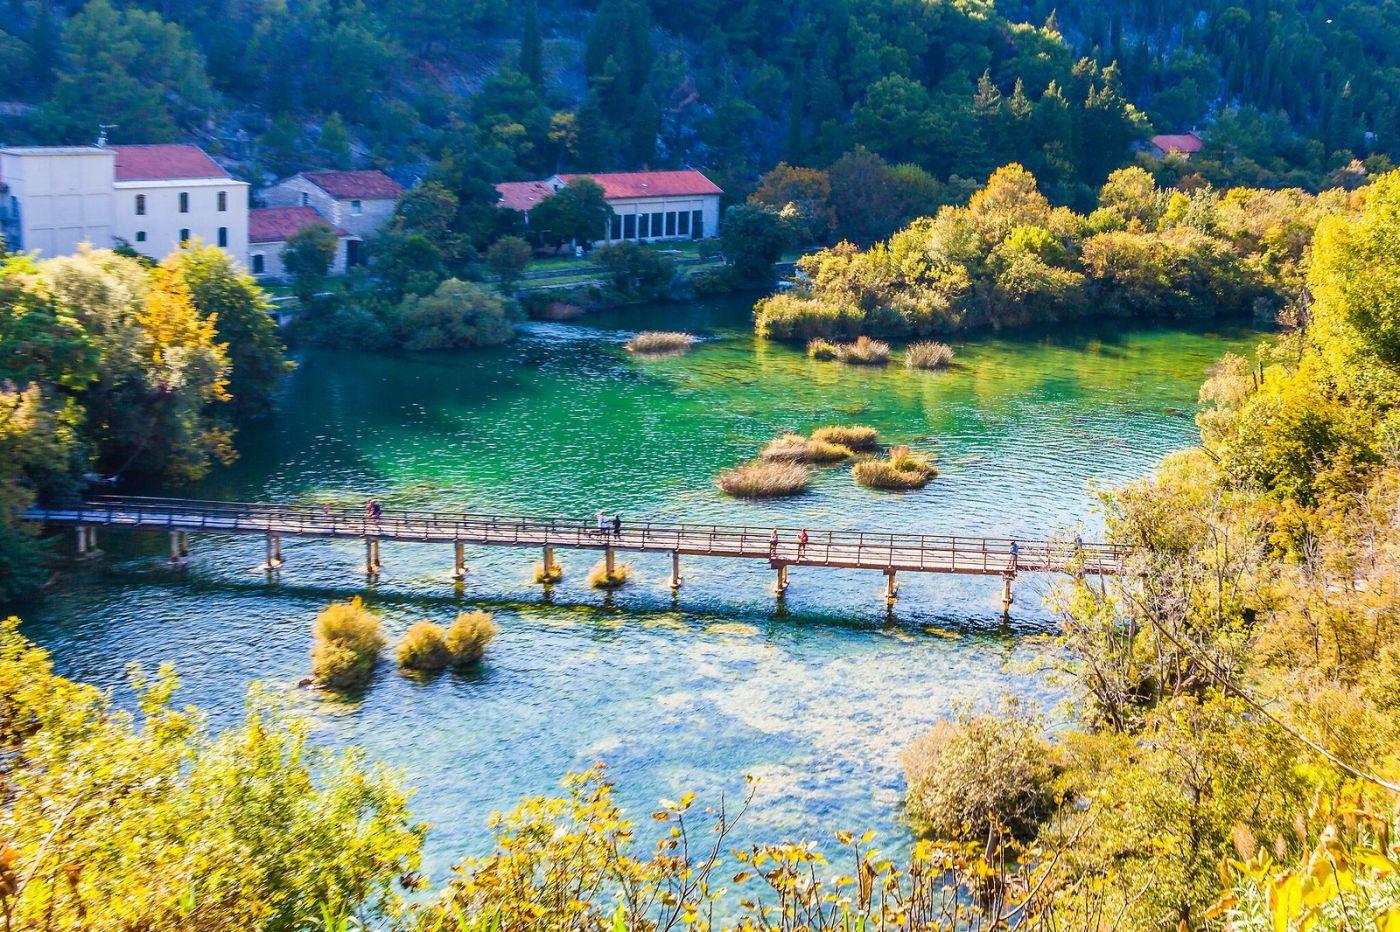 克罗地亚克尔卡国家公园(Krka National Park),小桥小路小房_图1-1